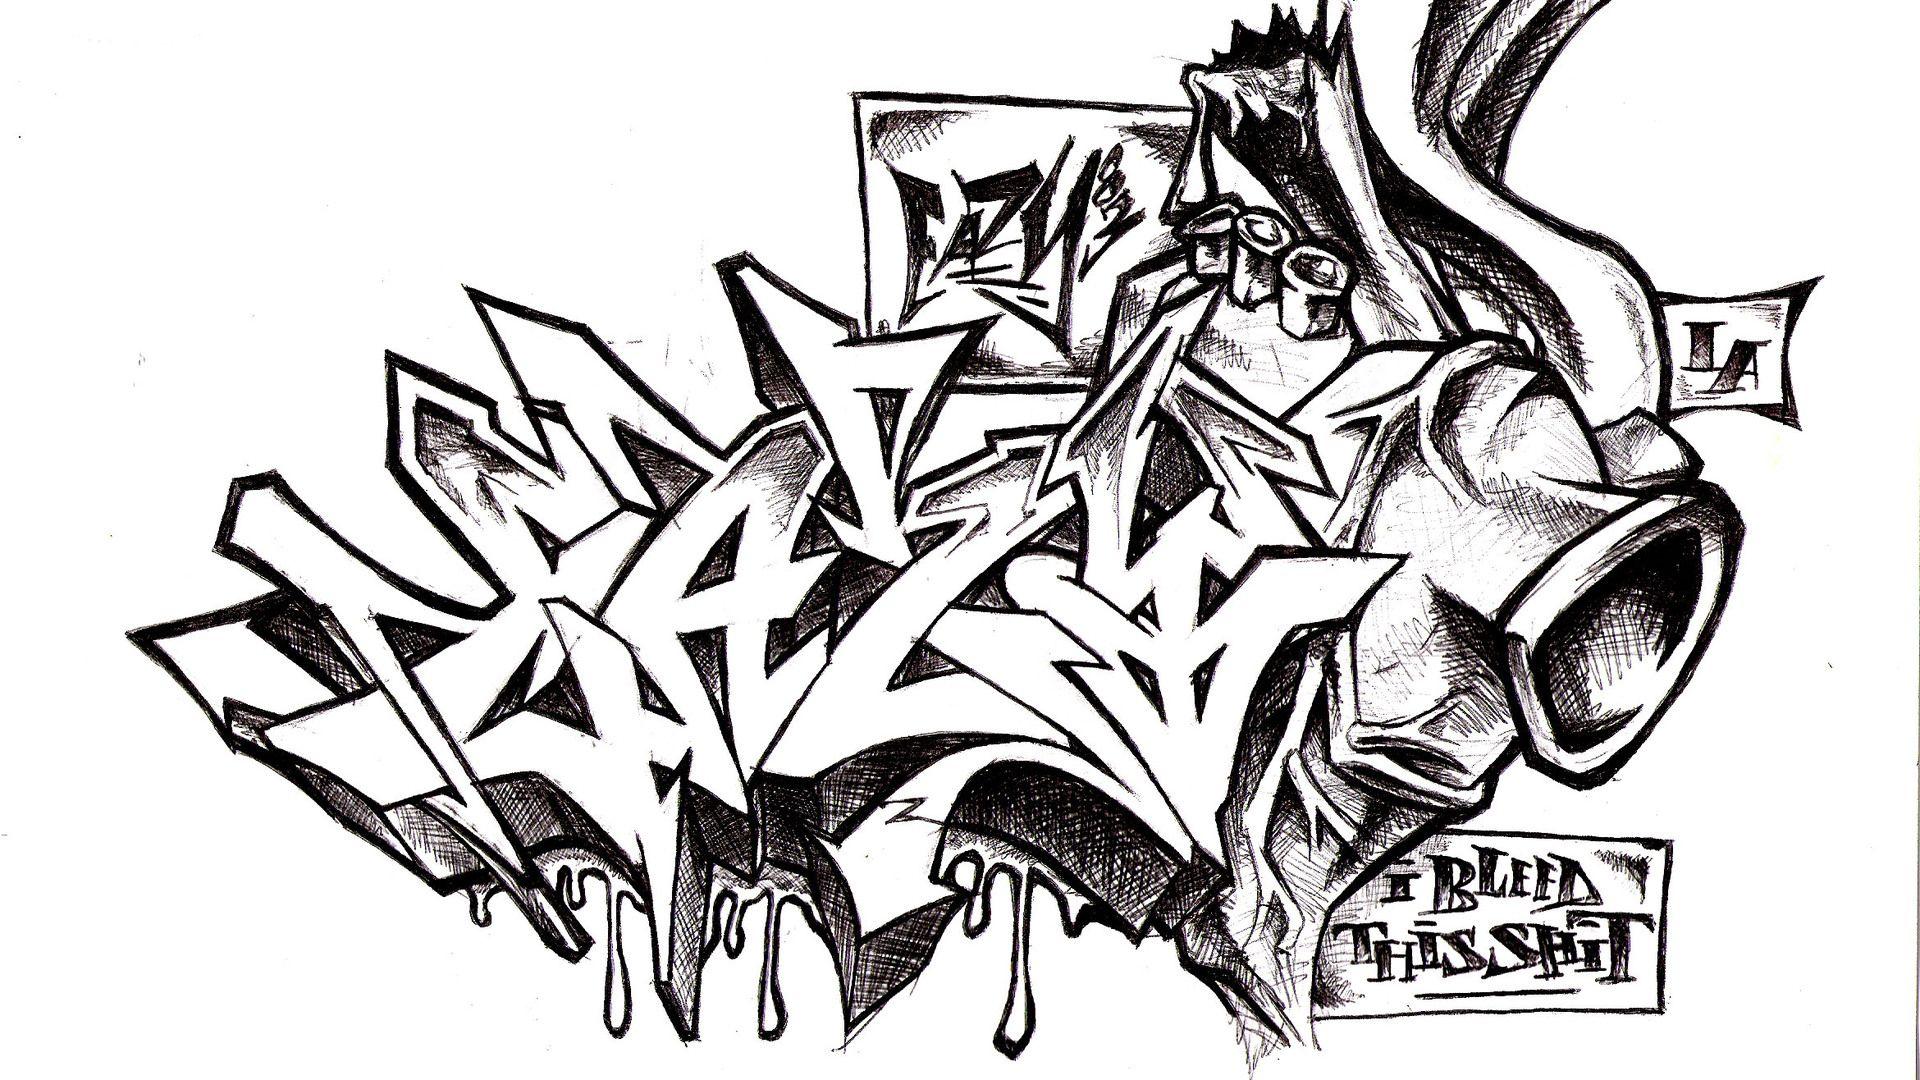 процессе тату эскизы картинки граффити очень чистый, всех